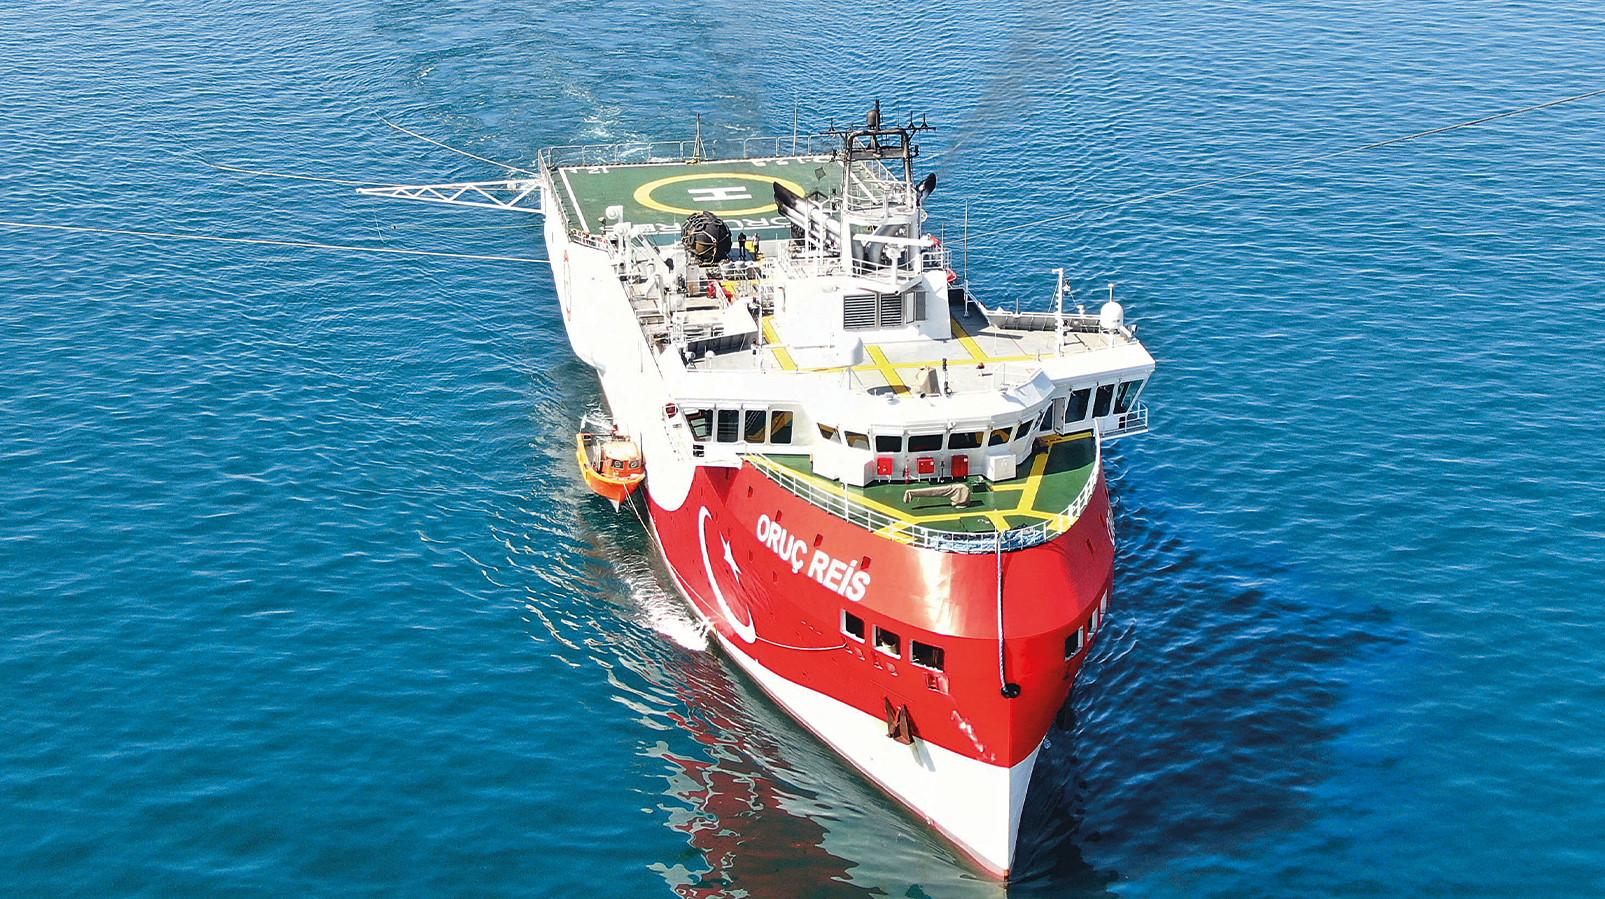 Bakan Dönmez: Oruç Reis Sismik Araştırma Gemimiz, çalışma yapacağı alana ulaştı bilgisini verdi